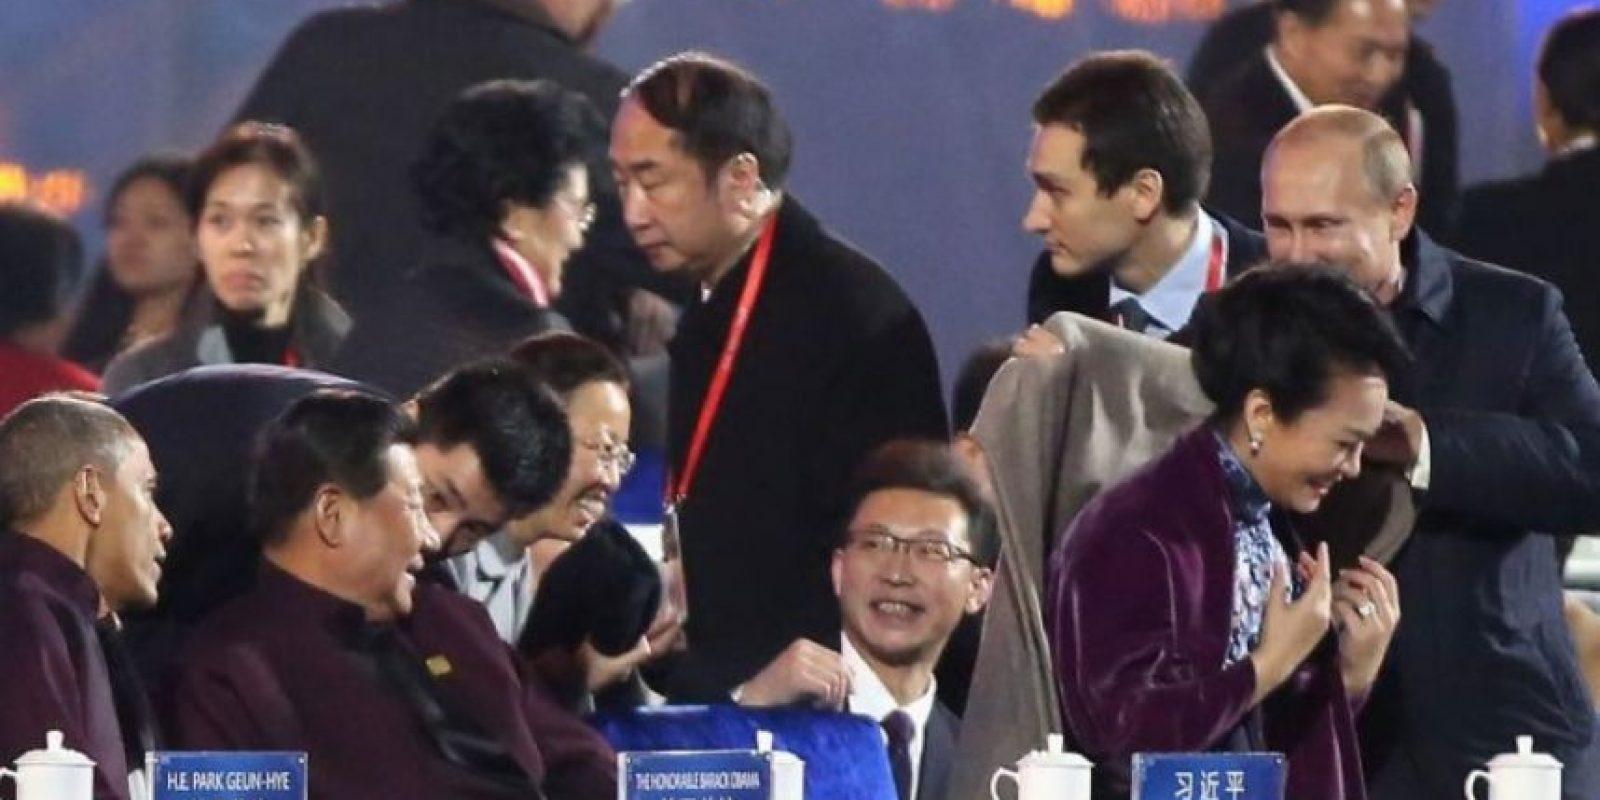 Esta imagen causó polémica entre la sociedad china ya que muestra al presidente de Rusia, Vladimir Putin, ofreciendo una manta a Peng Liyuan, esposa del presidente Xi Jinping. Foto:Getty Images